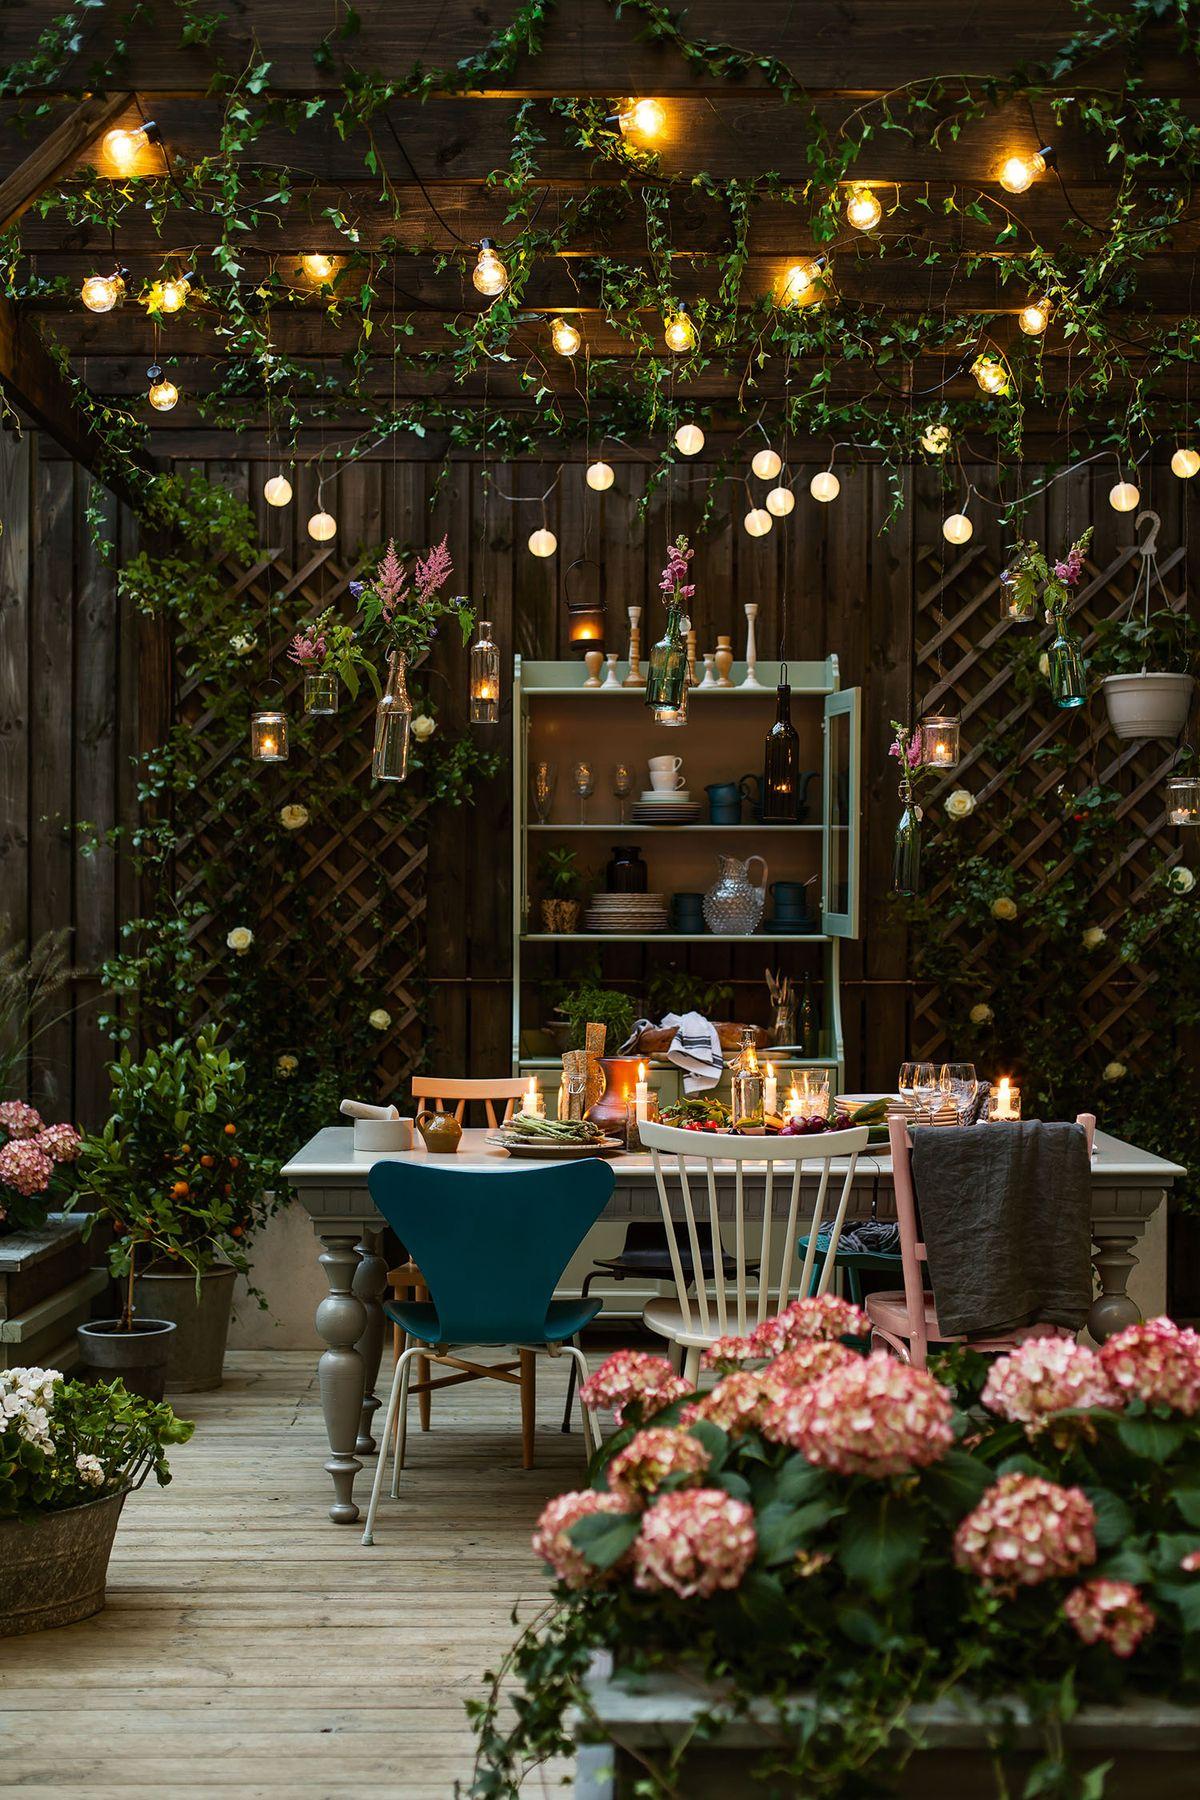 Gia chủ có thể tạo nên một khoảng không gian xanh mát cùng những ánh đèn lấp lánh, hài hòa